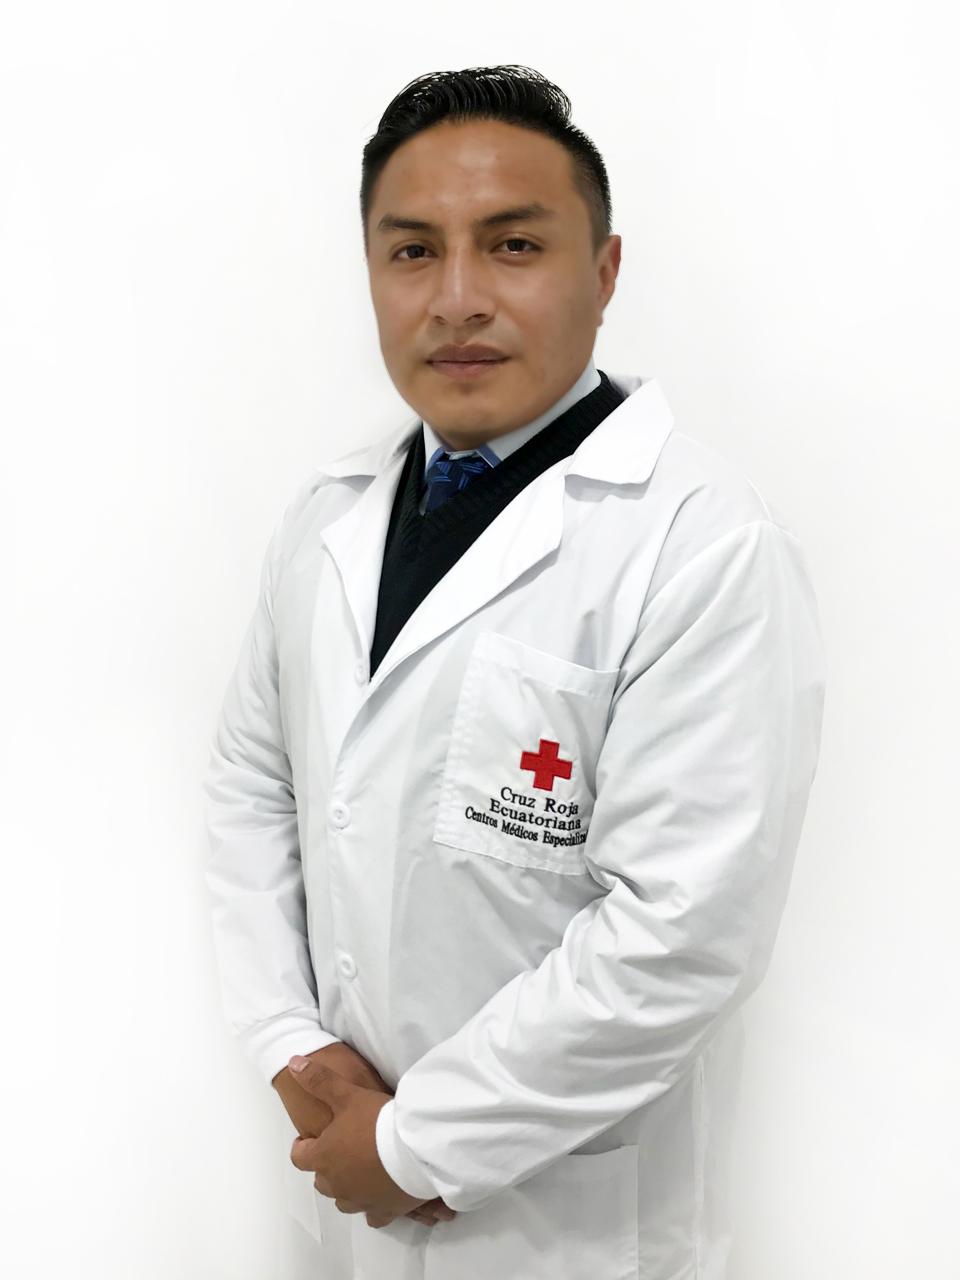 DR DAVID GUAMAN-PSICOLOGO_01